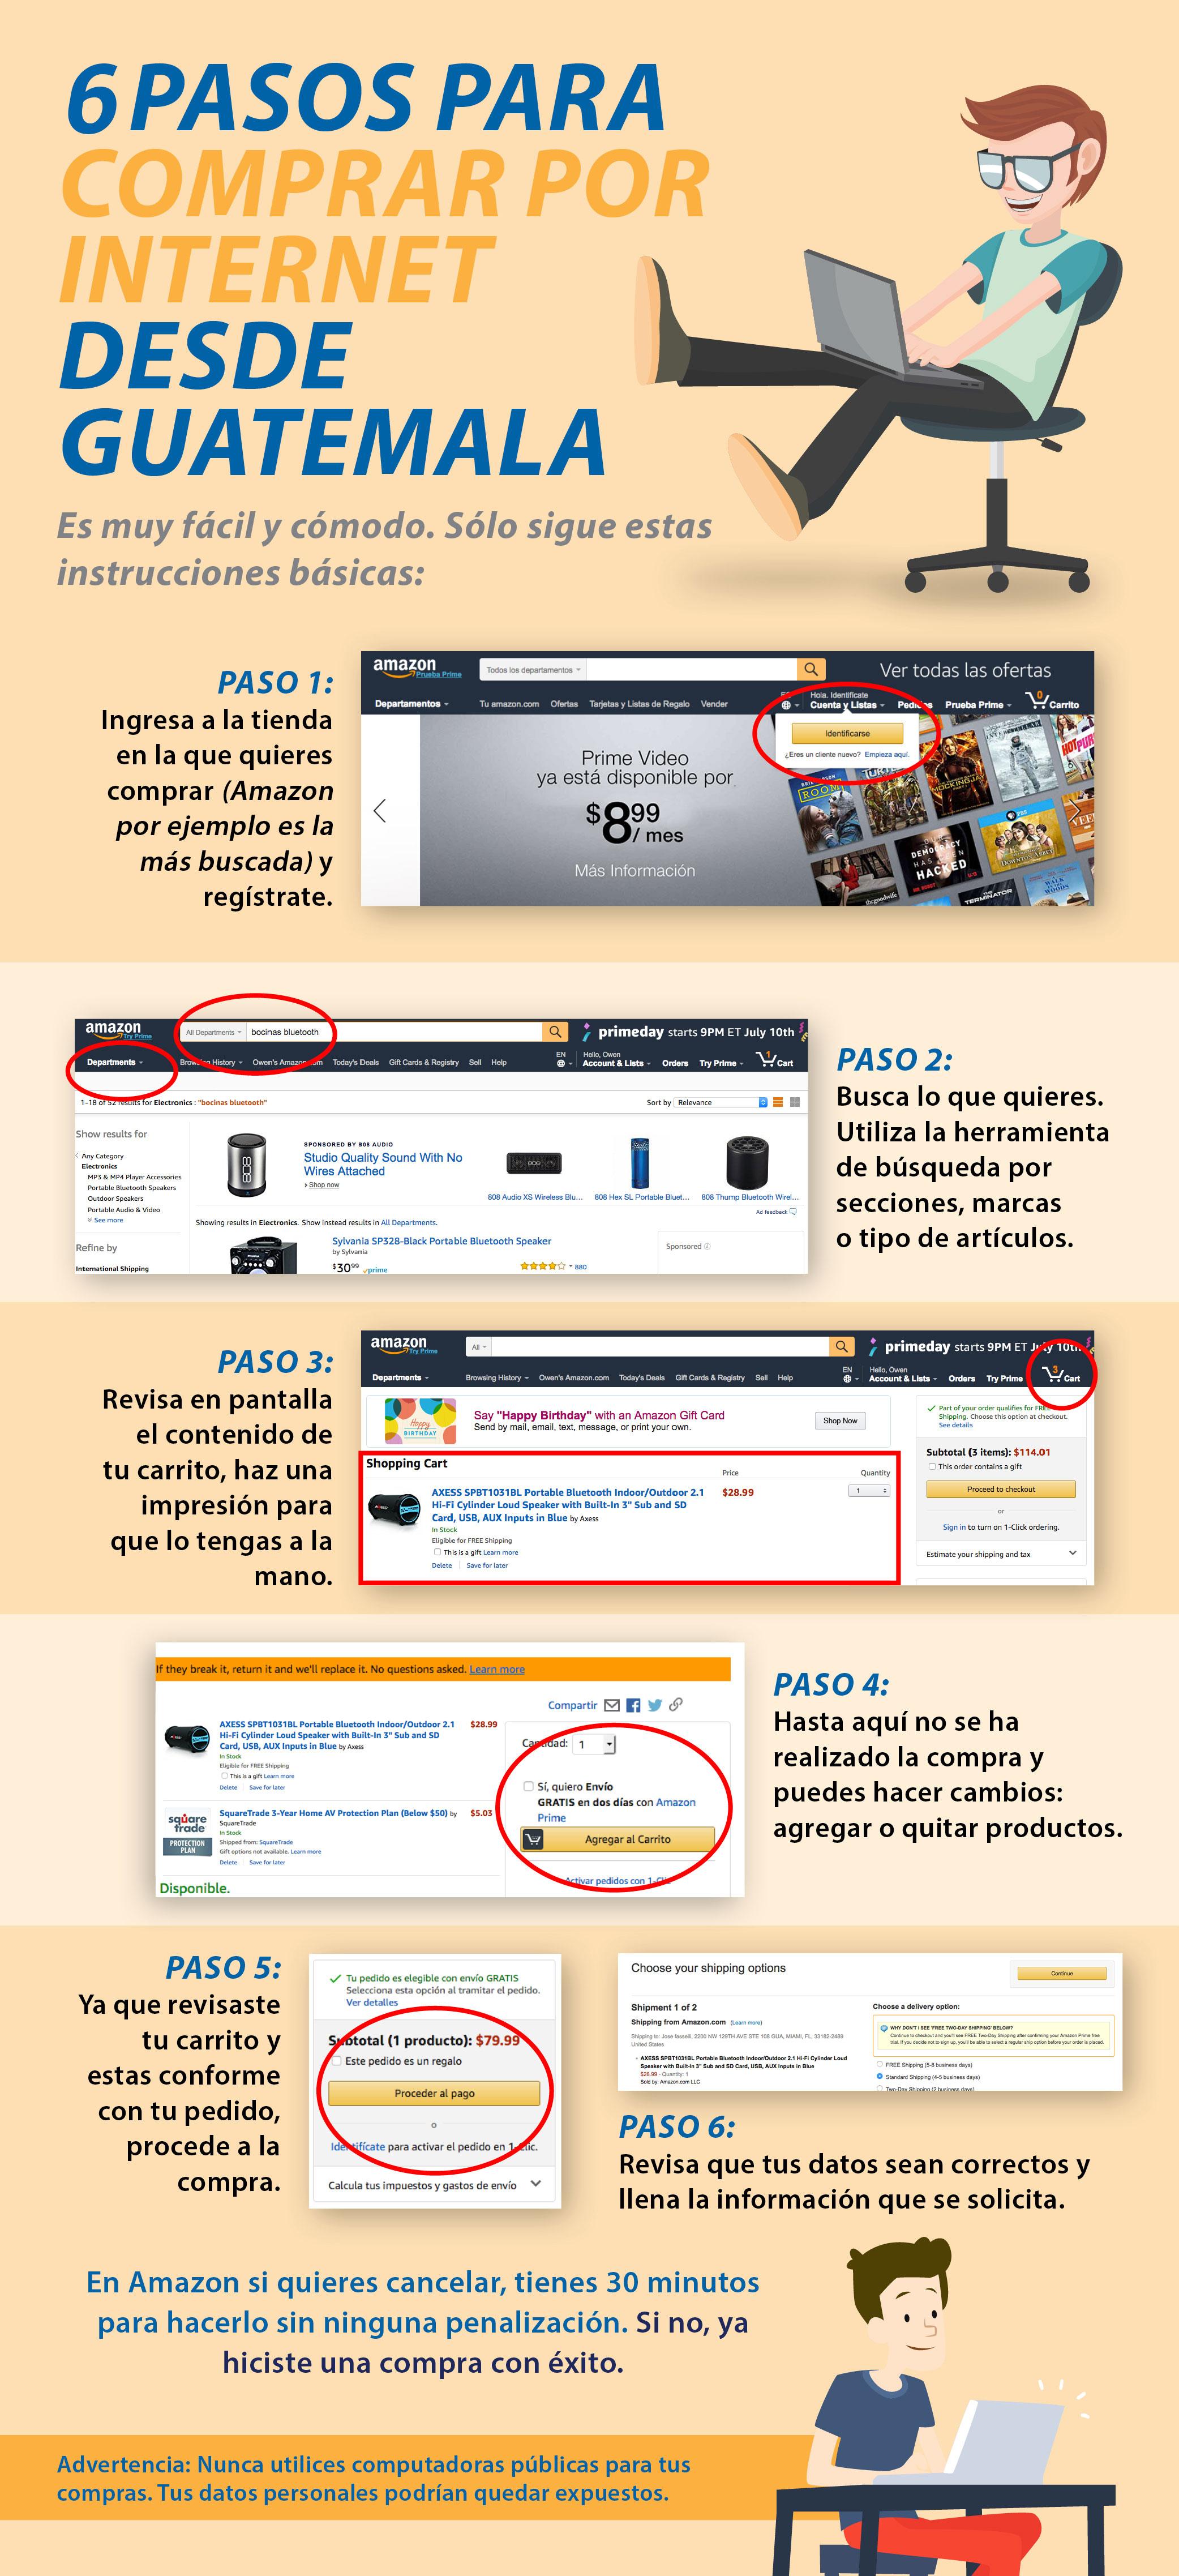 22_junio_infografia_compras_online_desde_guatemala_V3.jpg